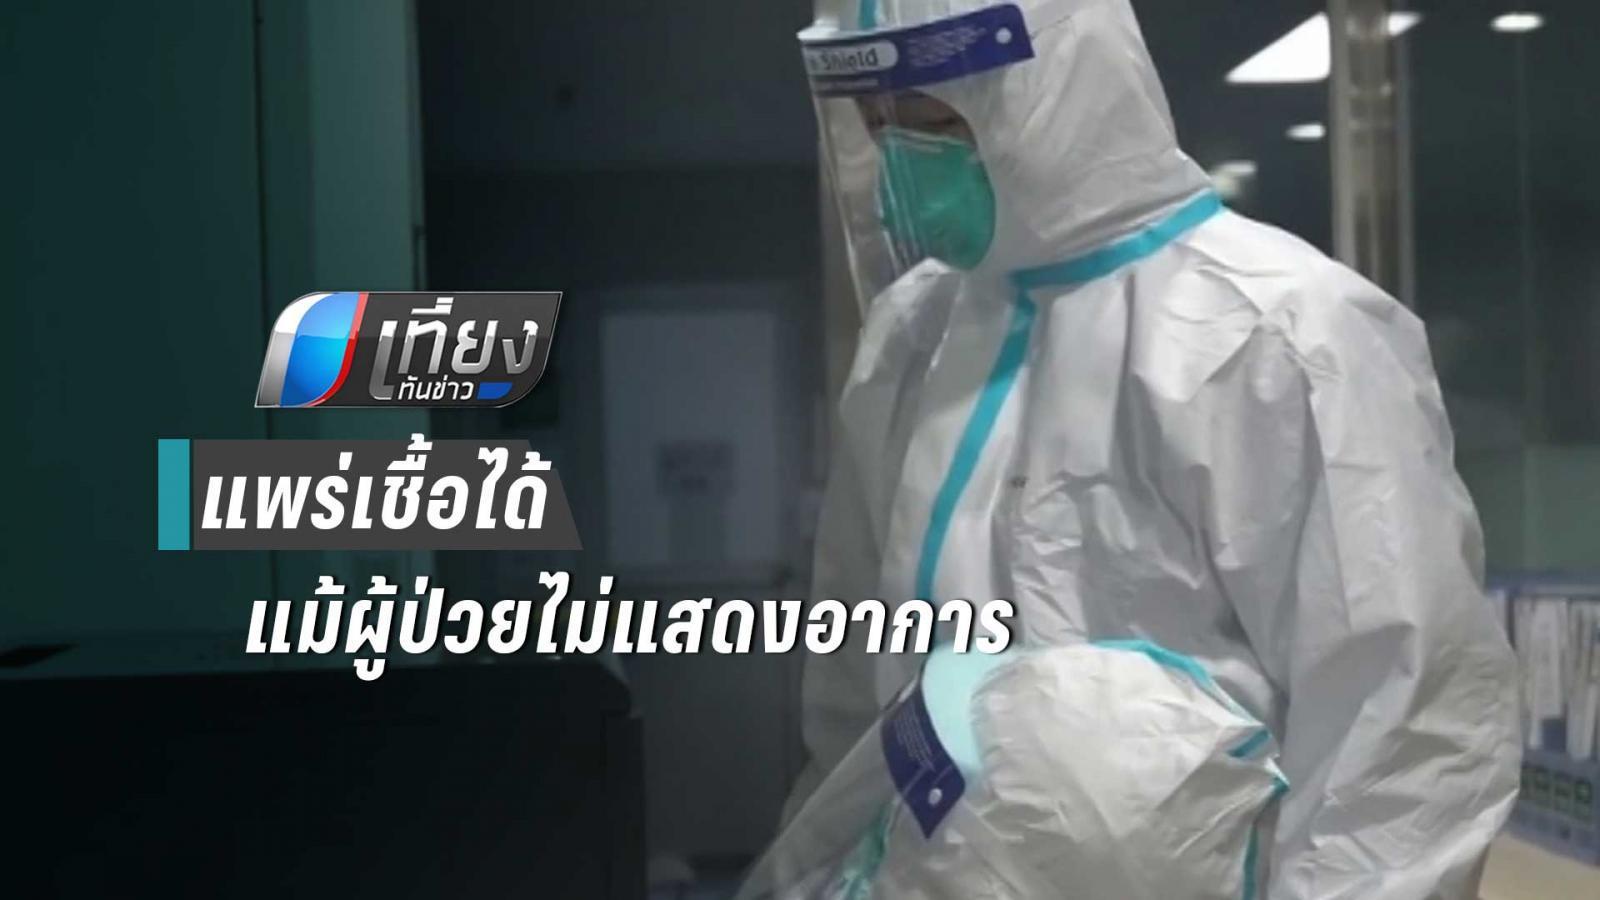 """จีนเผย """"ไวรัสโคโรนา"""" แพร่เชื้อได้แม้ผู้ป่วยไม่แสดงอาการ"""